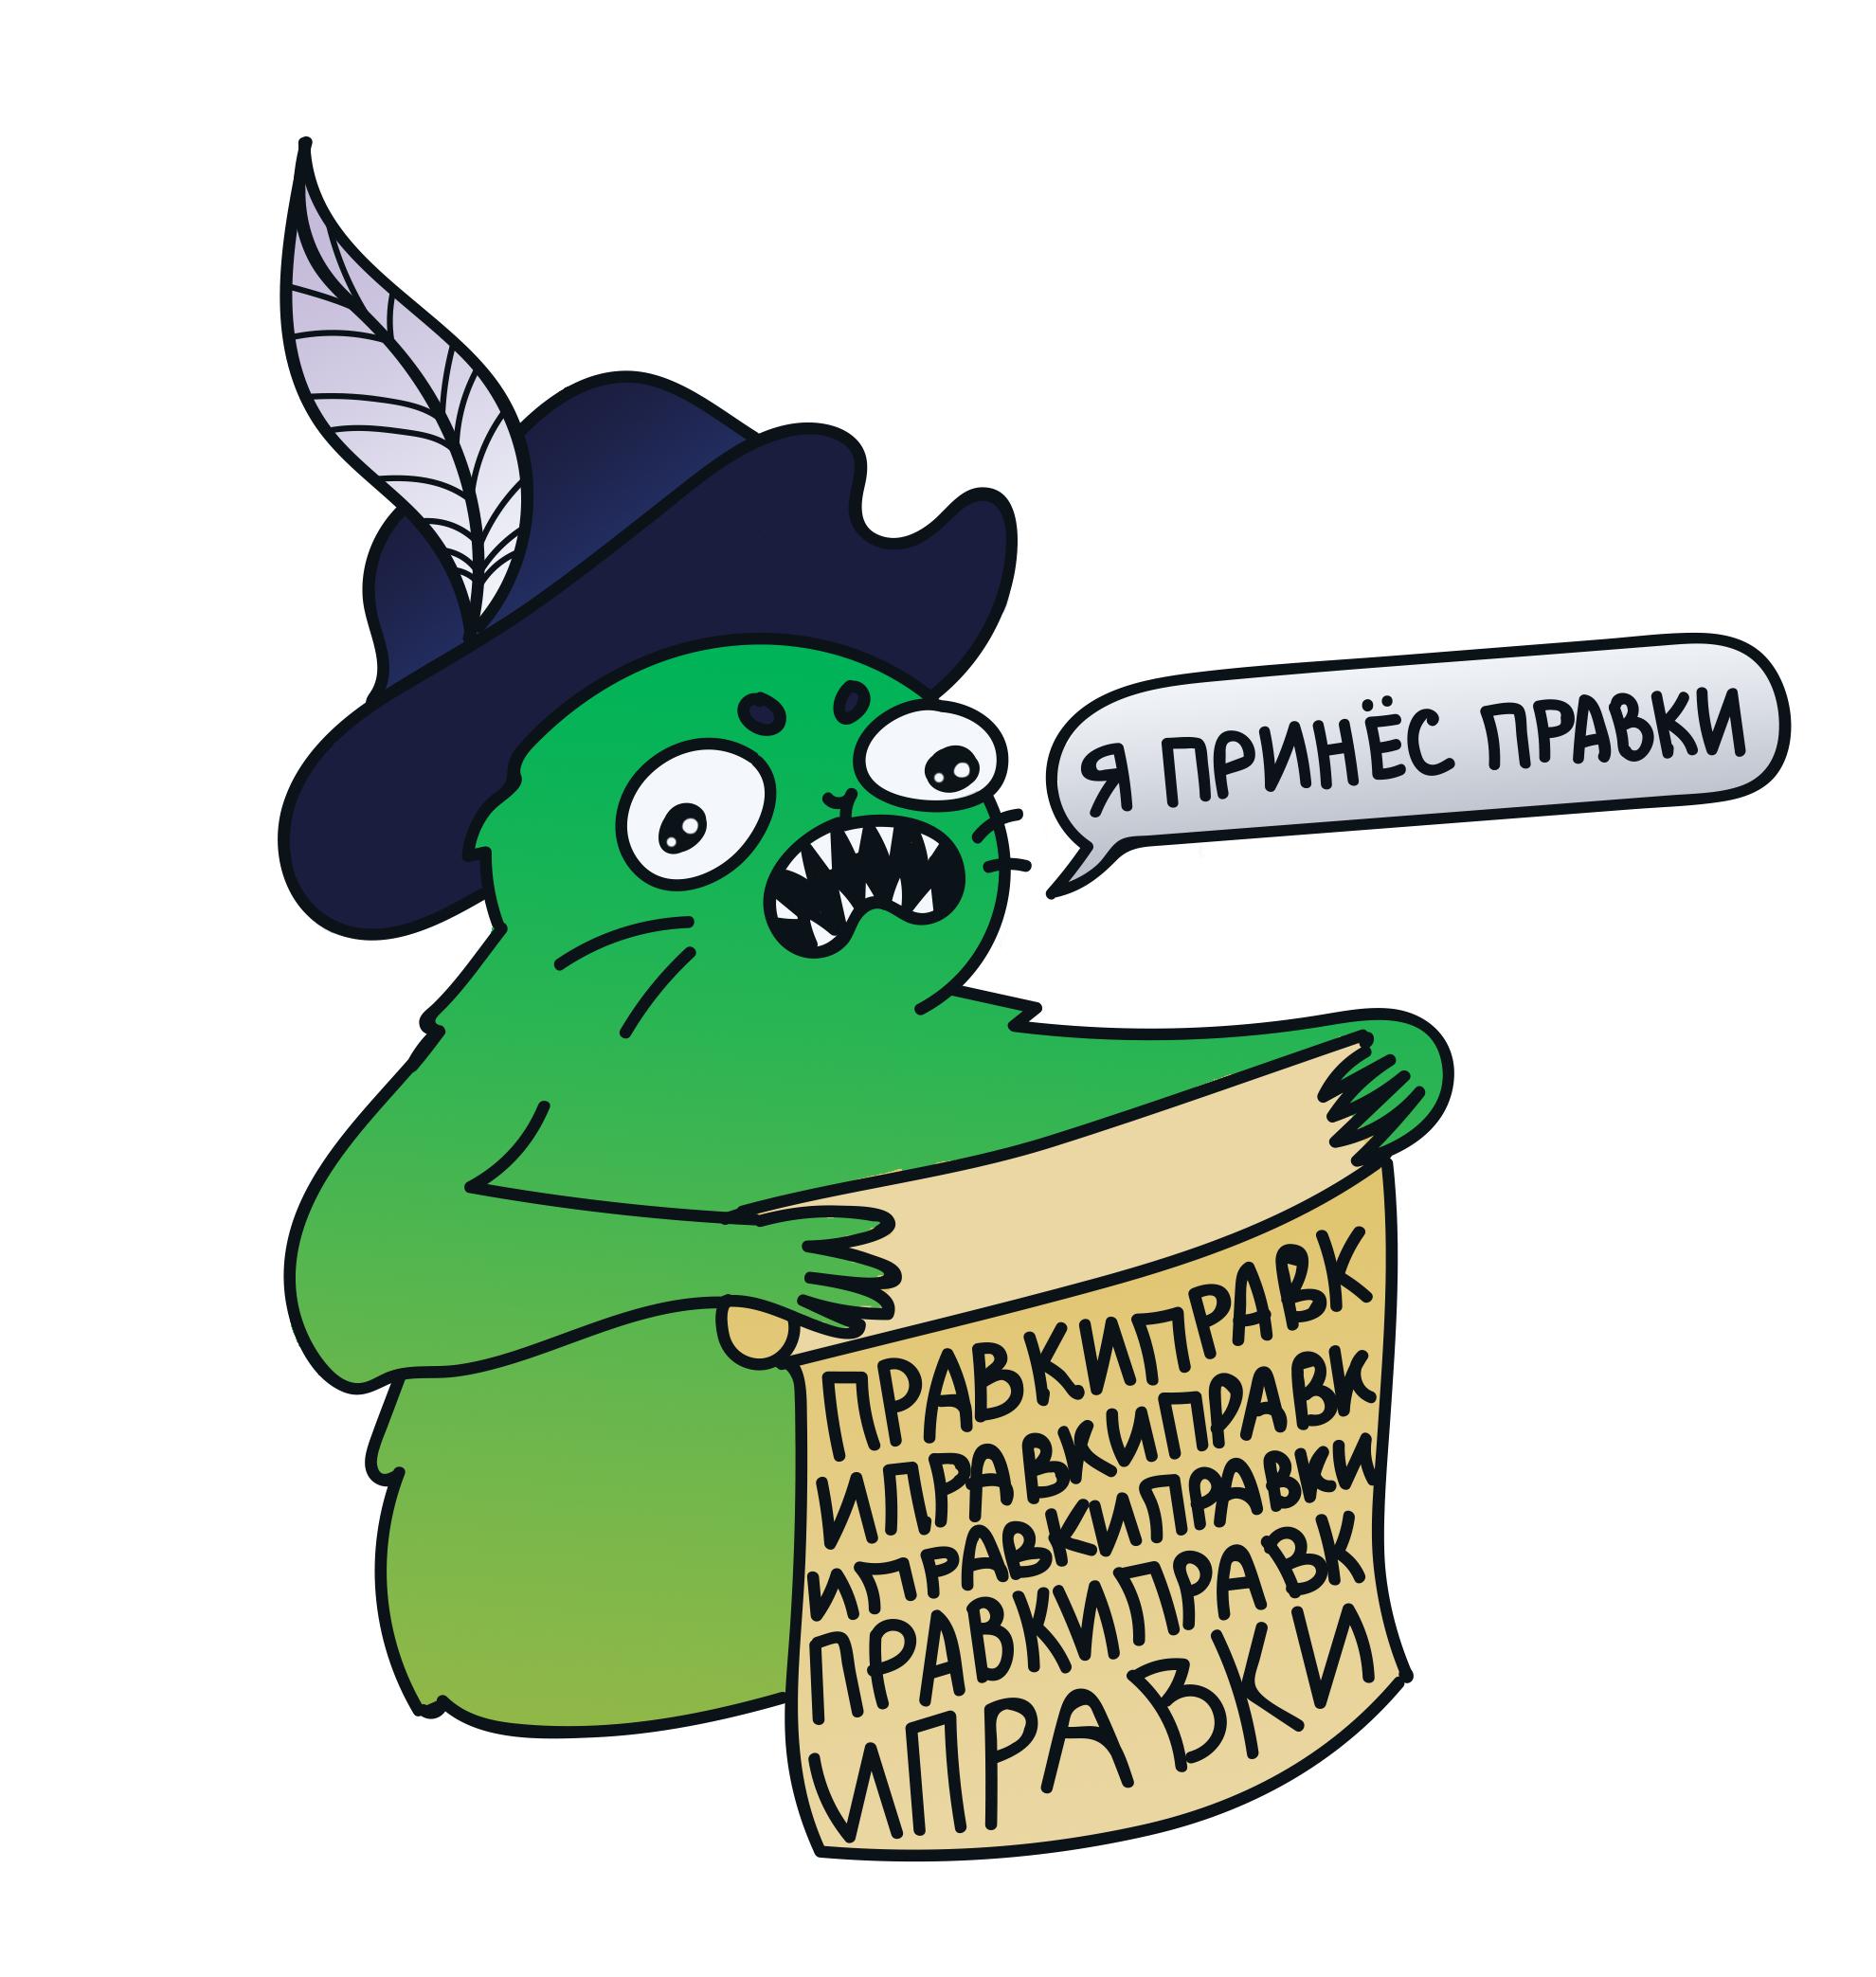 Стикерпаки на день фриланса для FL.ru фото f_9195cd9c7a741fc2.png